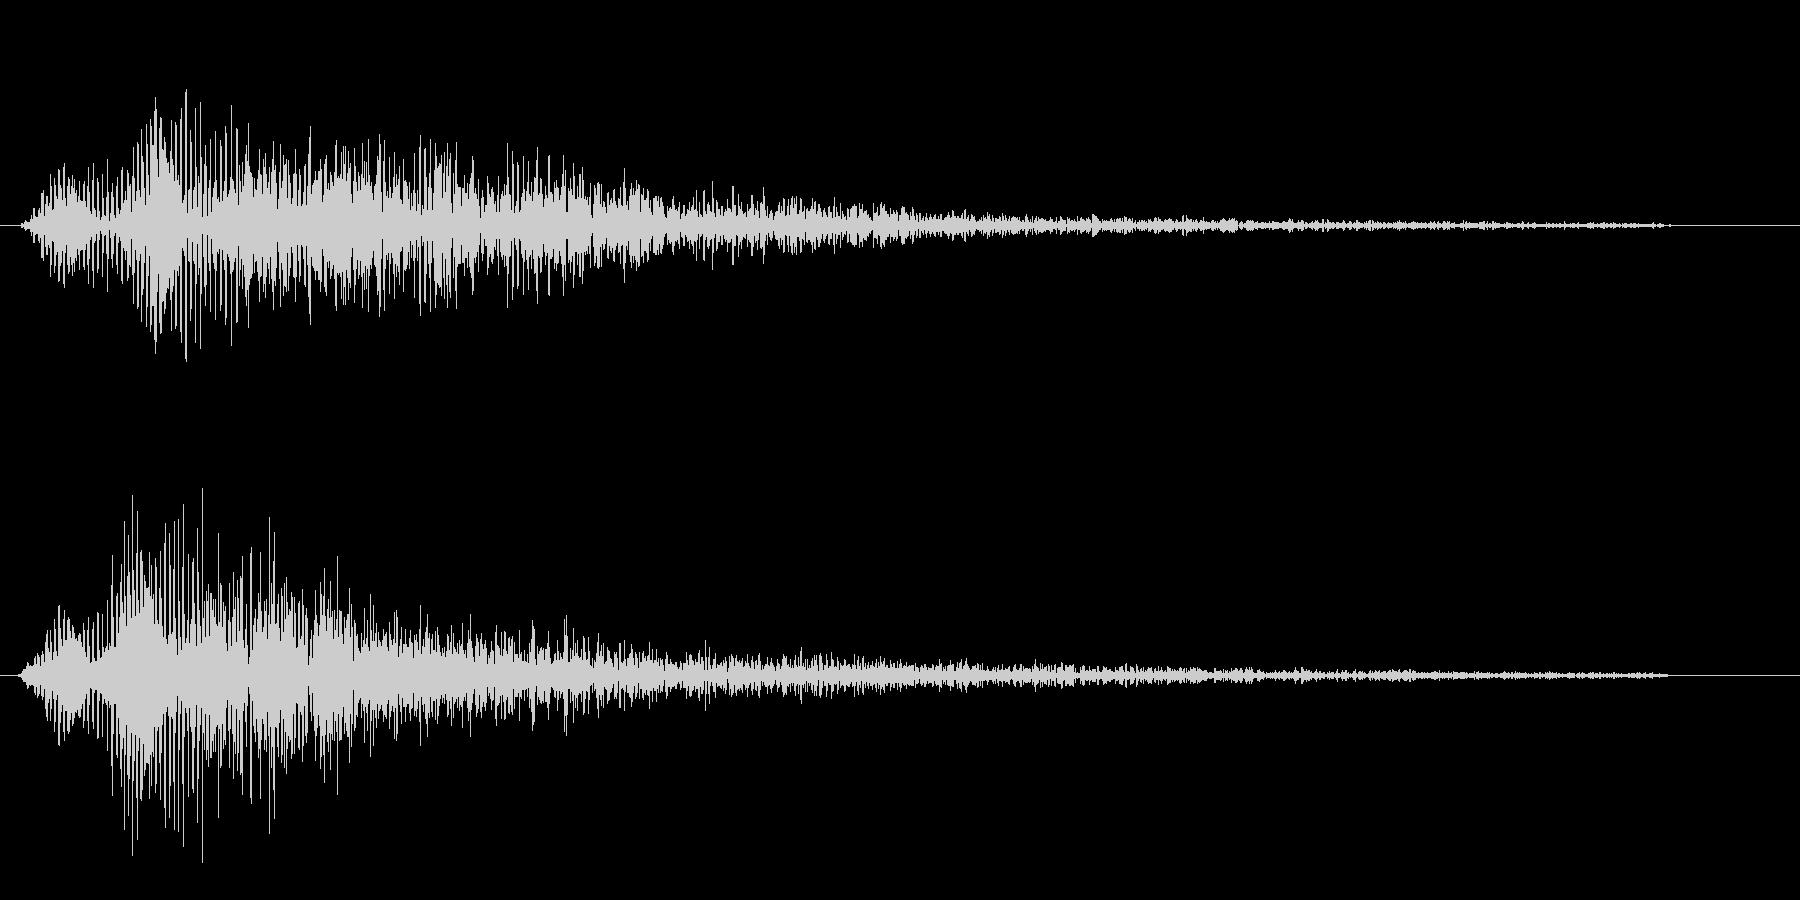 デュルルーン(ブレーキのかかった様な音)の未再生の波形